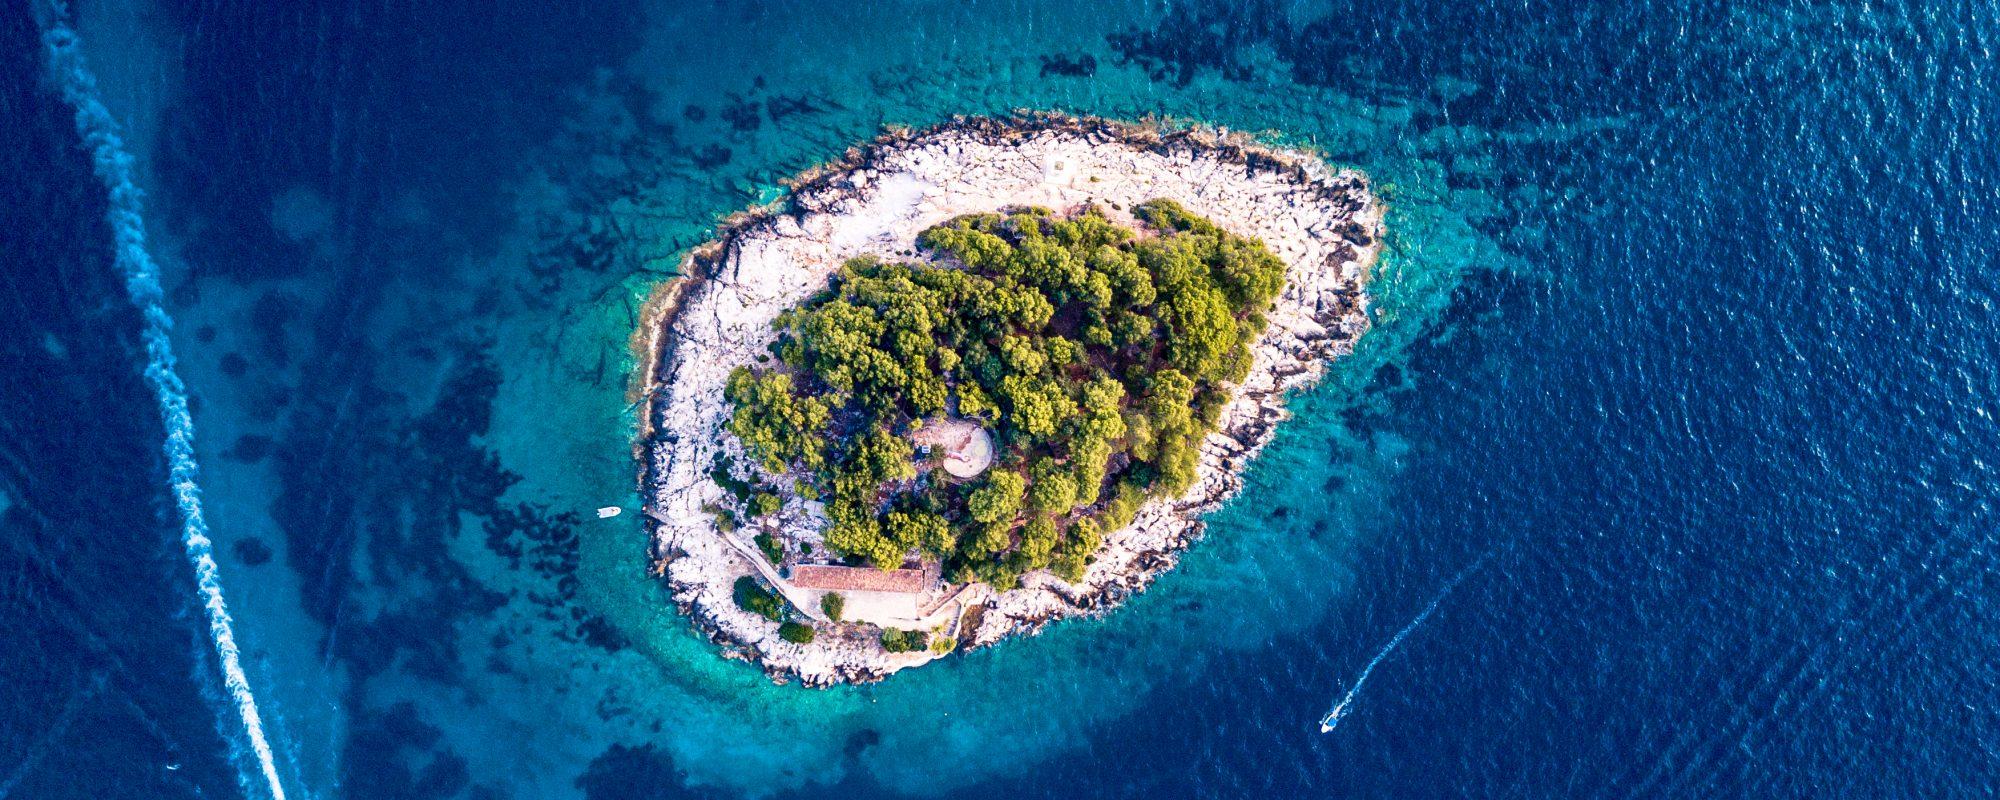 How to Visit Hvar Island